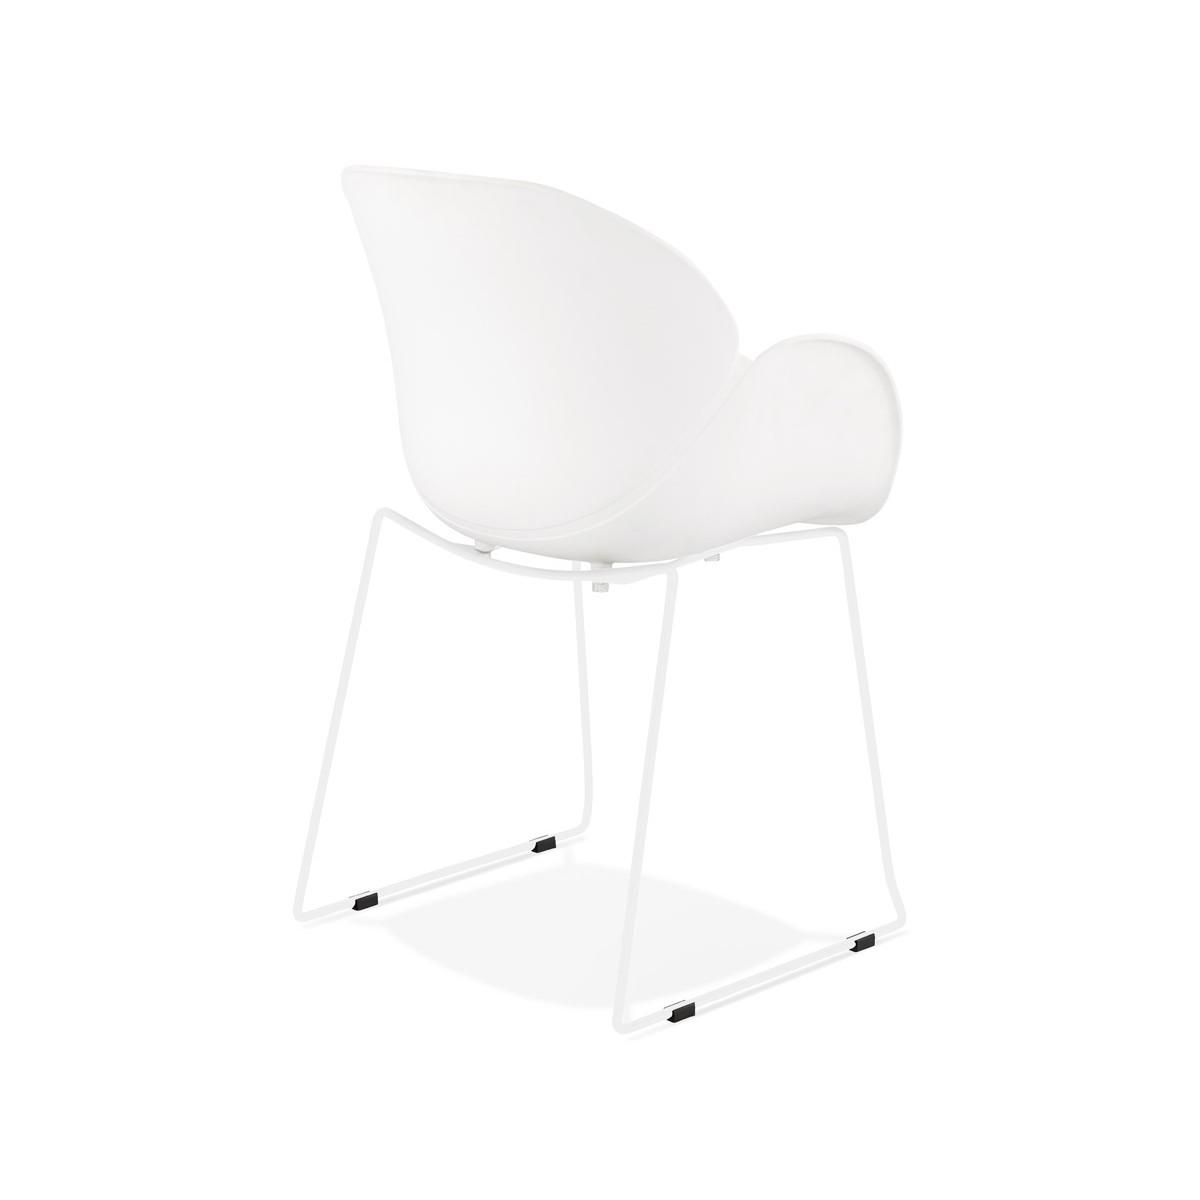 Chaise design CIRSE en polypropylène pieds métal couleur blanche (blanc) -  AMP Story 6